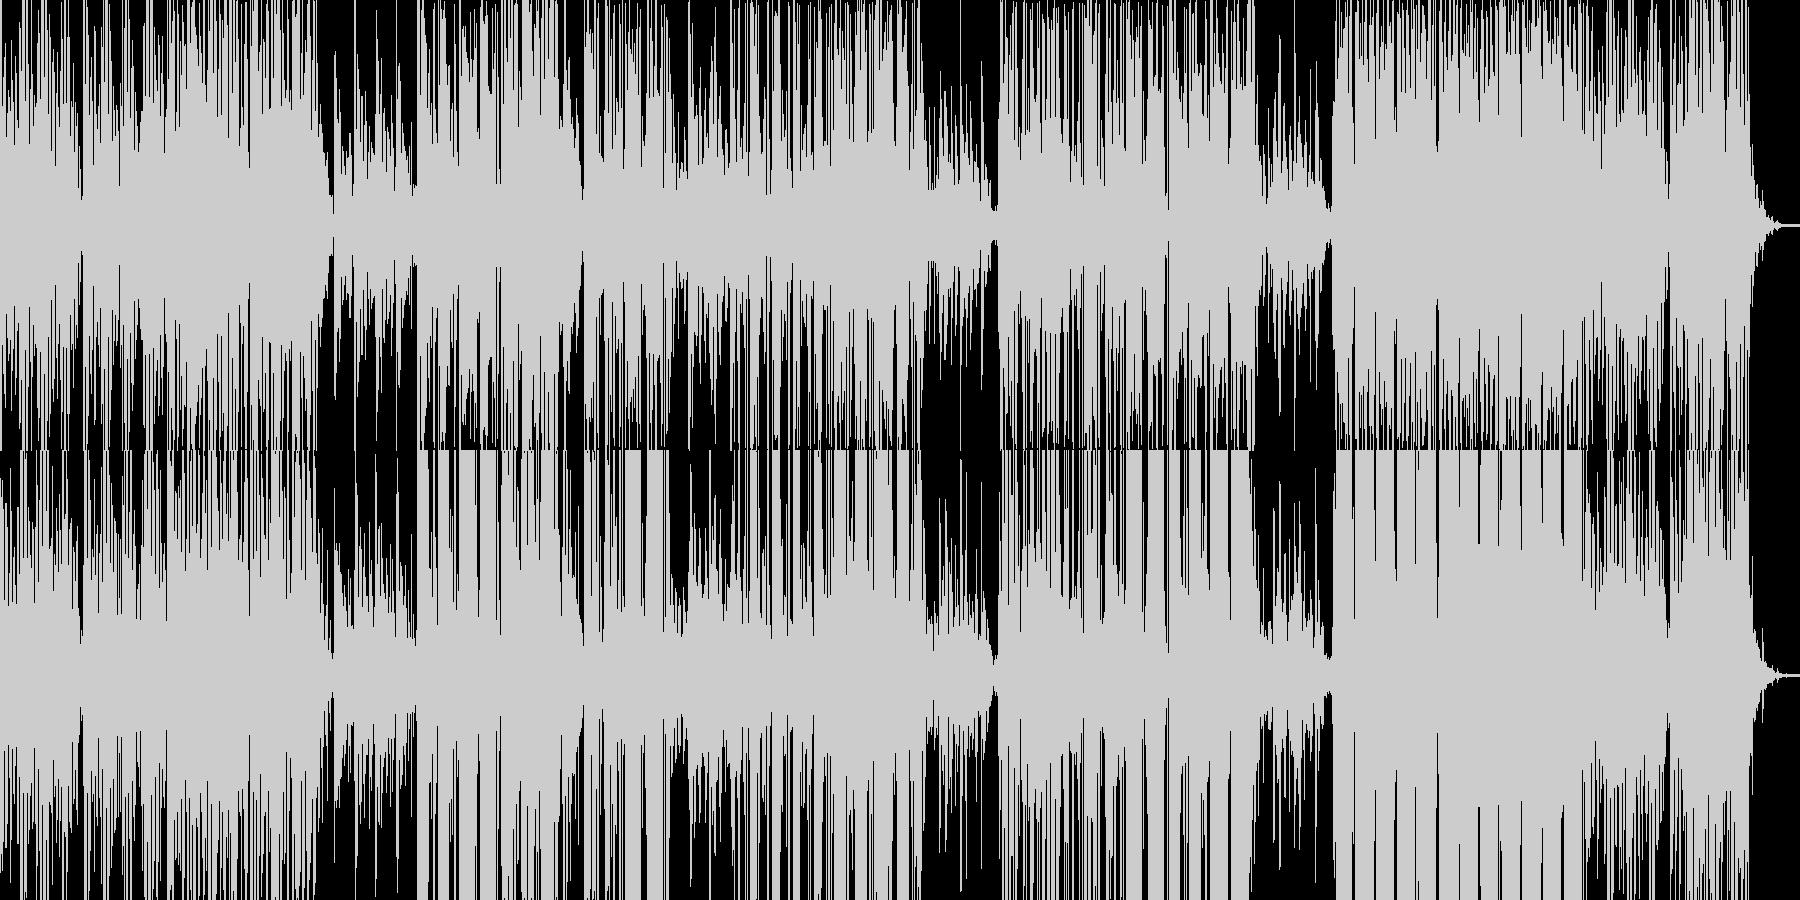 ノイズリズムと美しいメロデイのピアノの未再生の波形